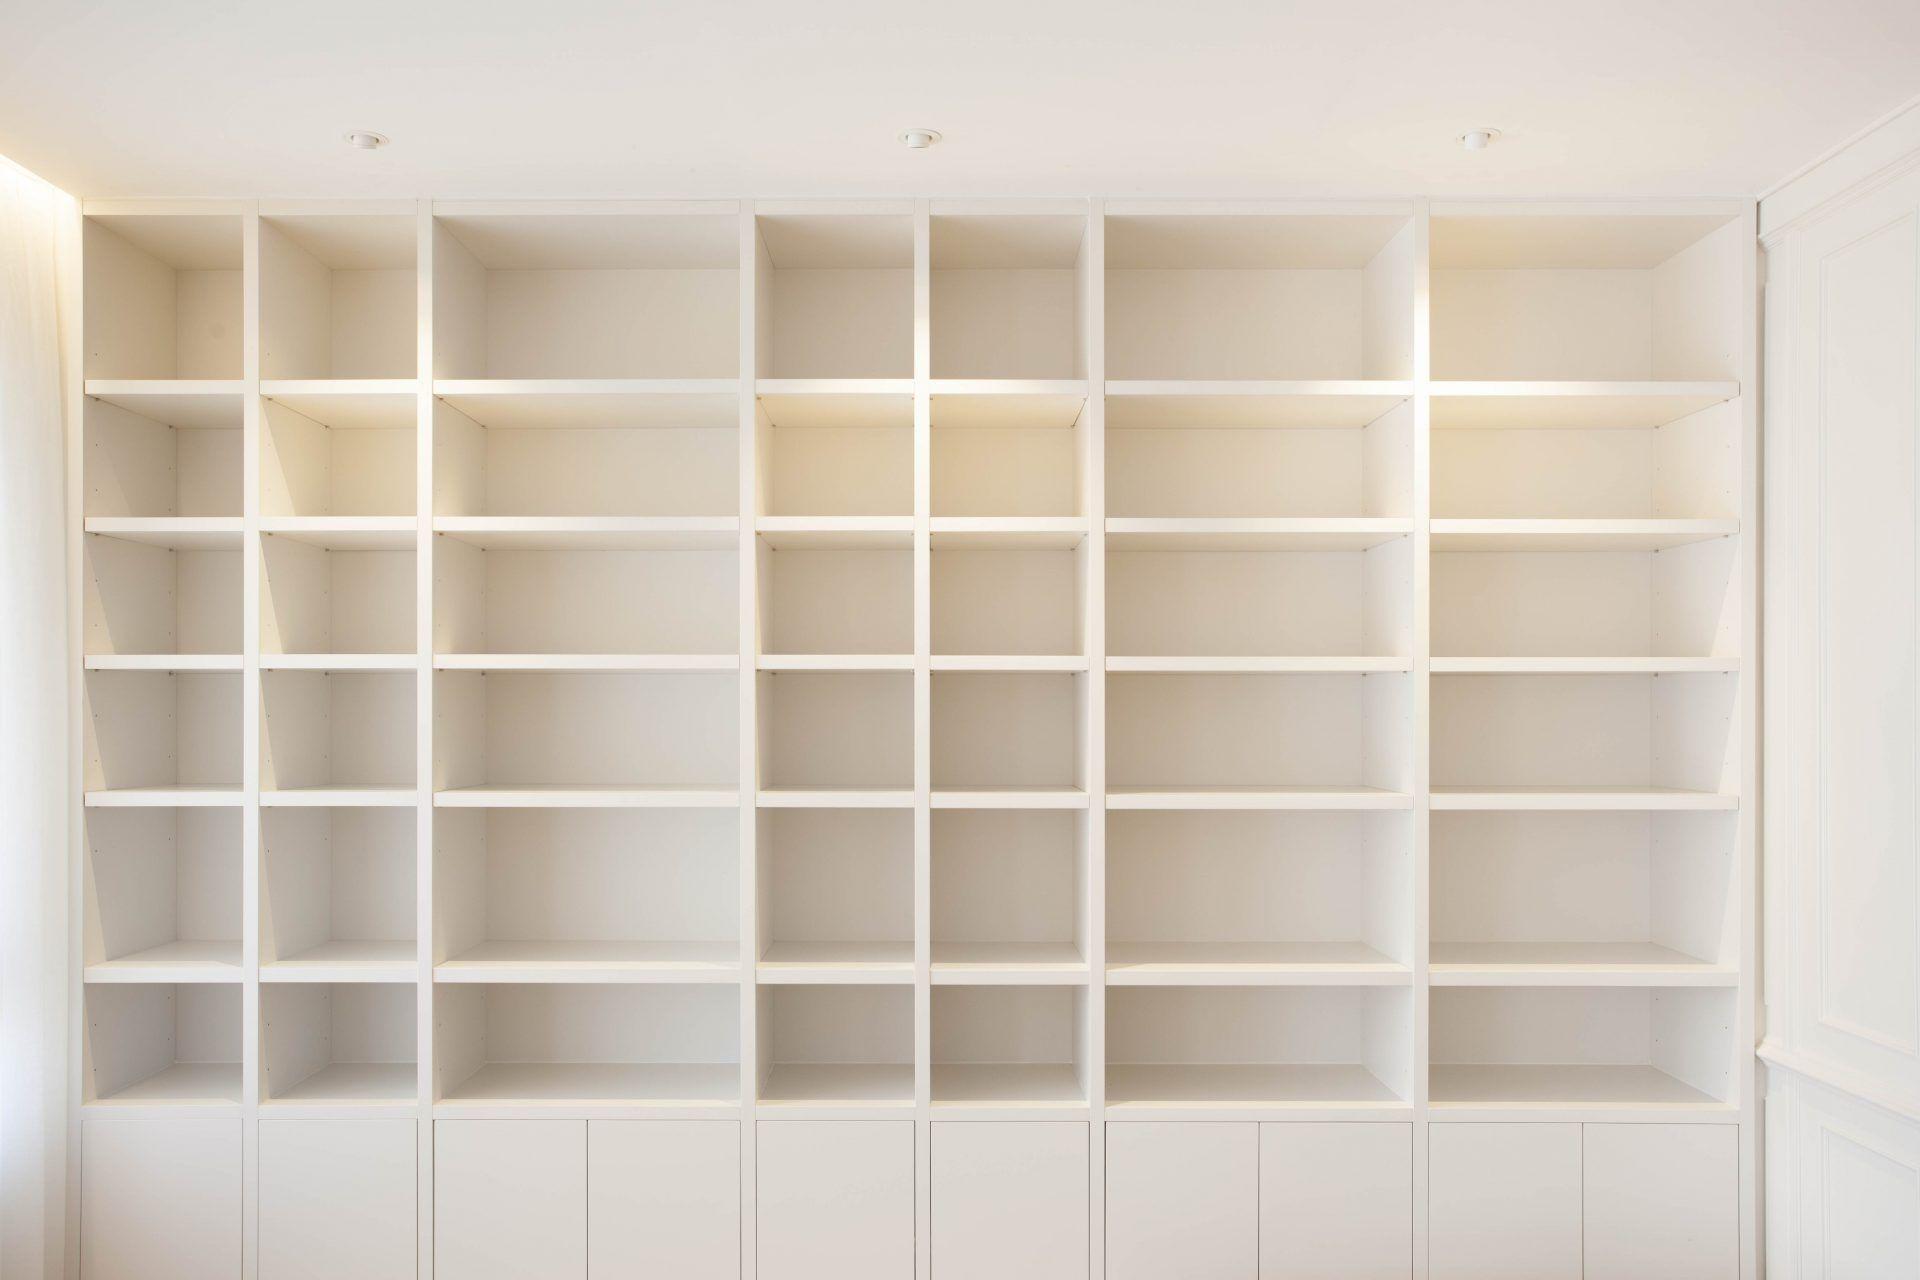 Librería iluminación reforma integral vivienda lujo interiorismo diseño | Perspectiva Moma